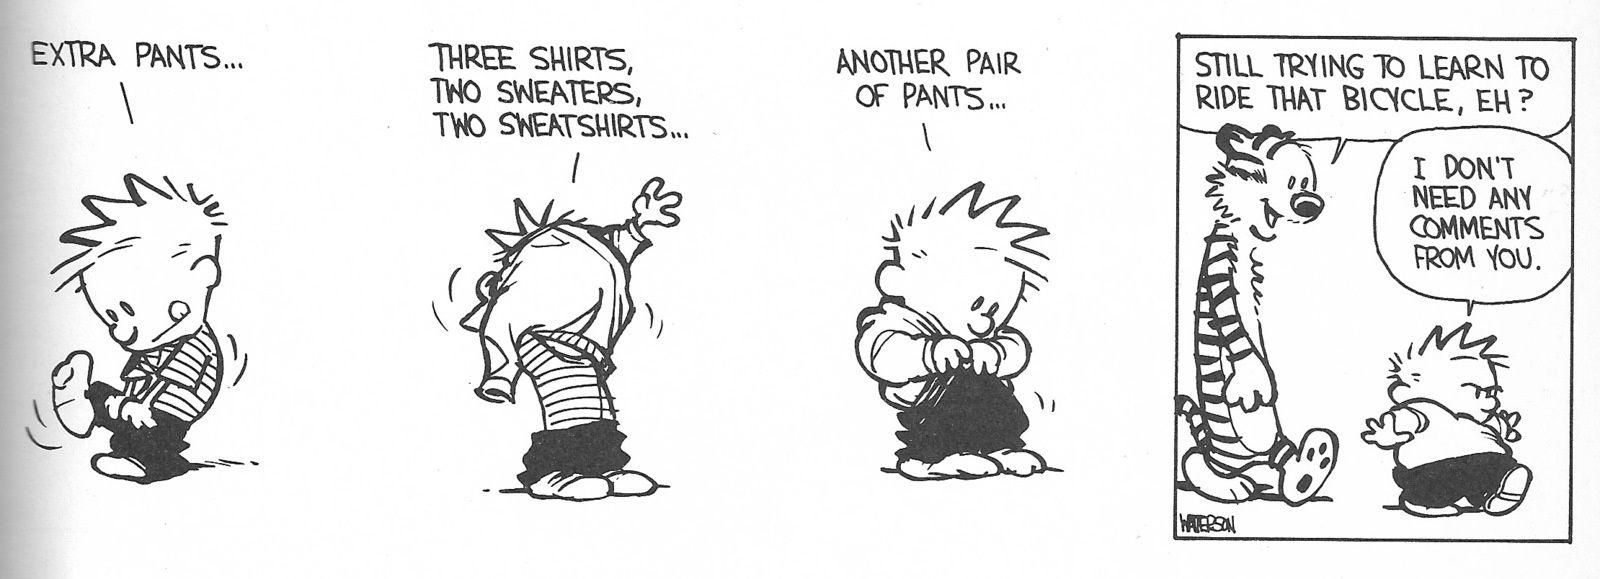 - Un pantalon en plus, 3 T-shirts, 2 sweat-shirts, 2 pulls, un autre pantalon … - Tu essayes toujours d'apprendre à rouler à vélo ? - Je n'ai pas besoin de tes commentaires !